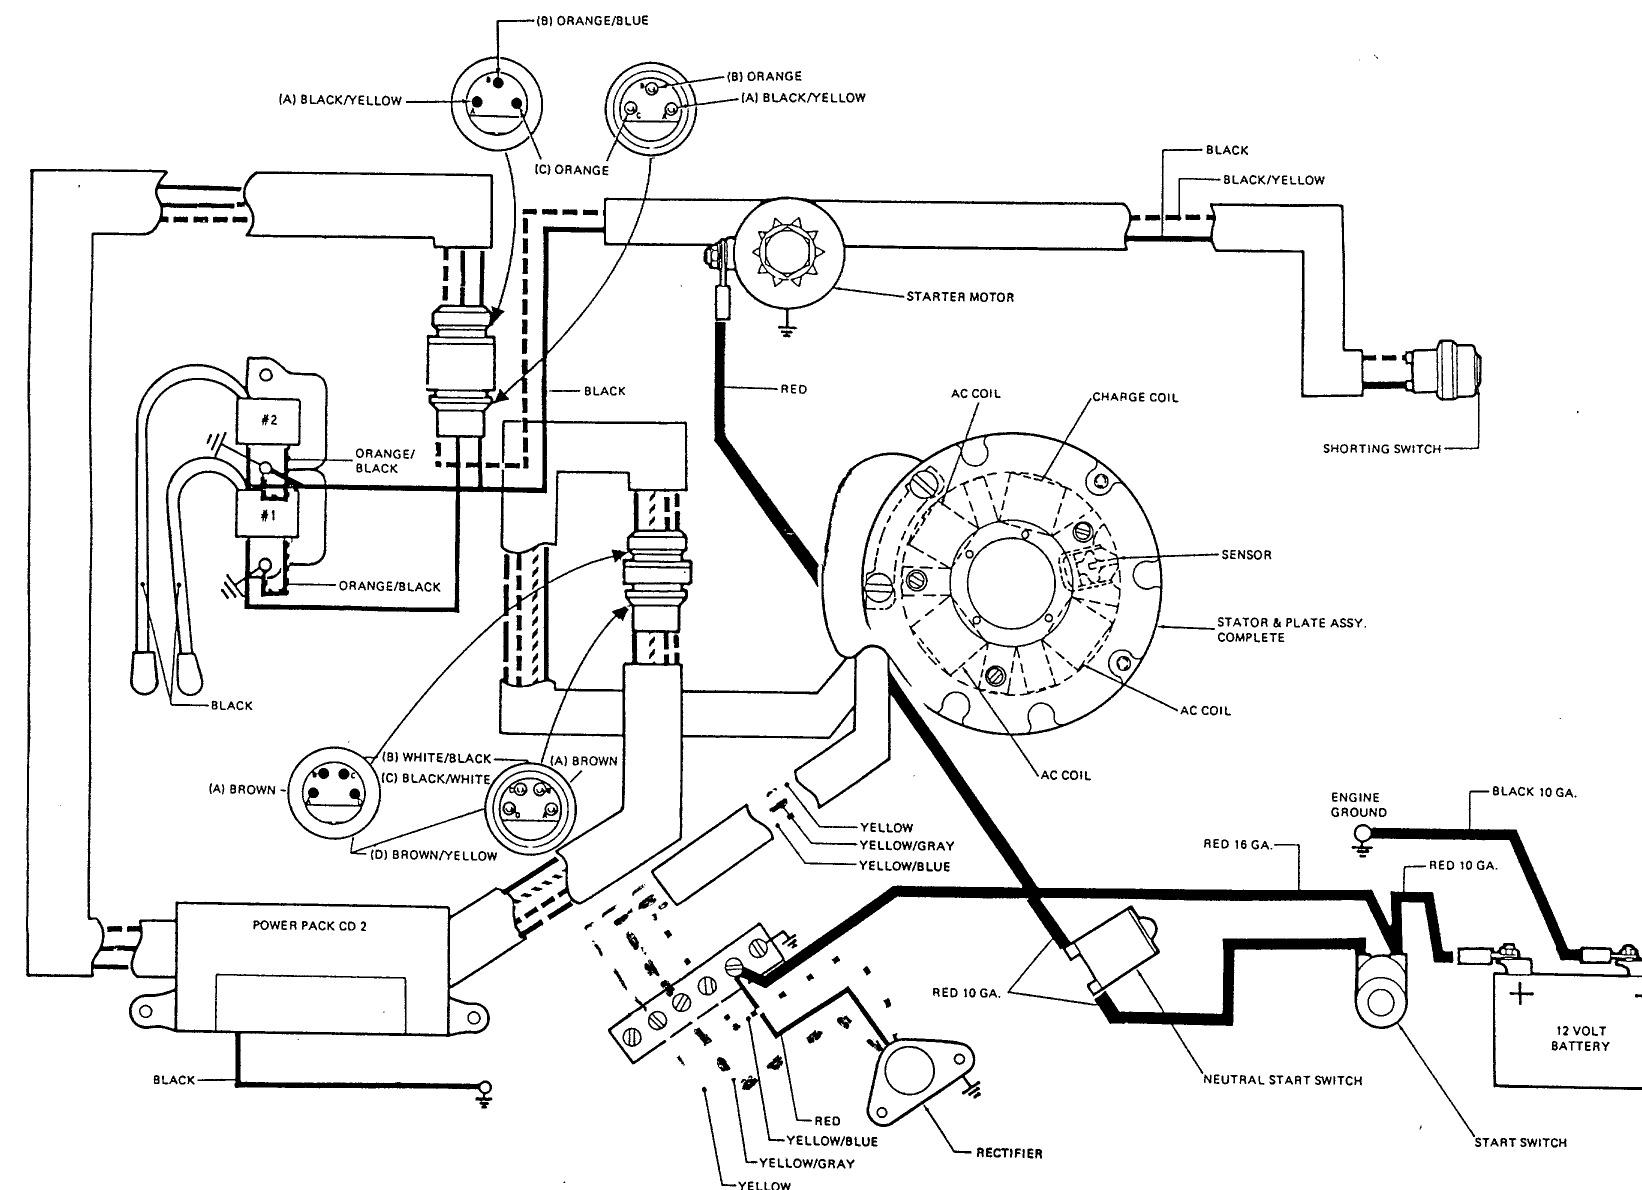 Fabulous Johnson Motor Wiring Diagram Basic Electronics Wiring Diagram Wiring Cloud Staixaidewilluminateatxorg